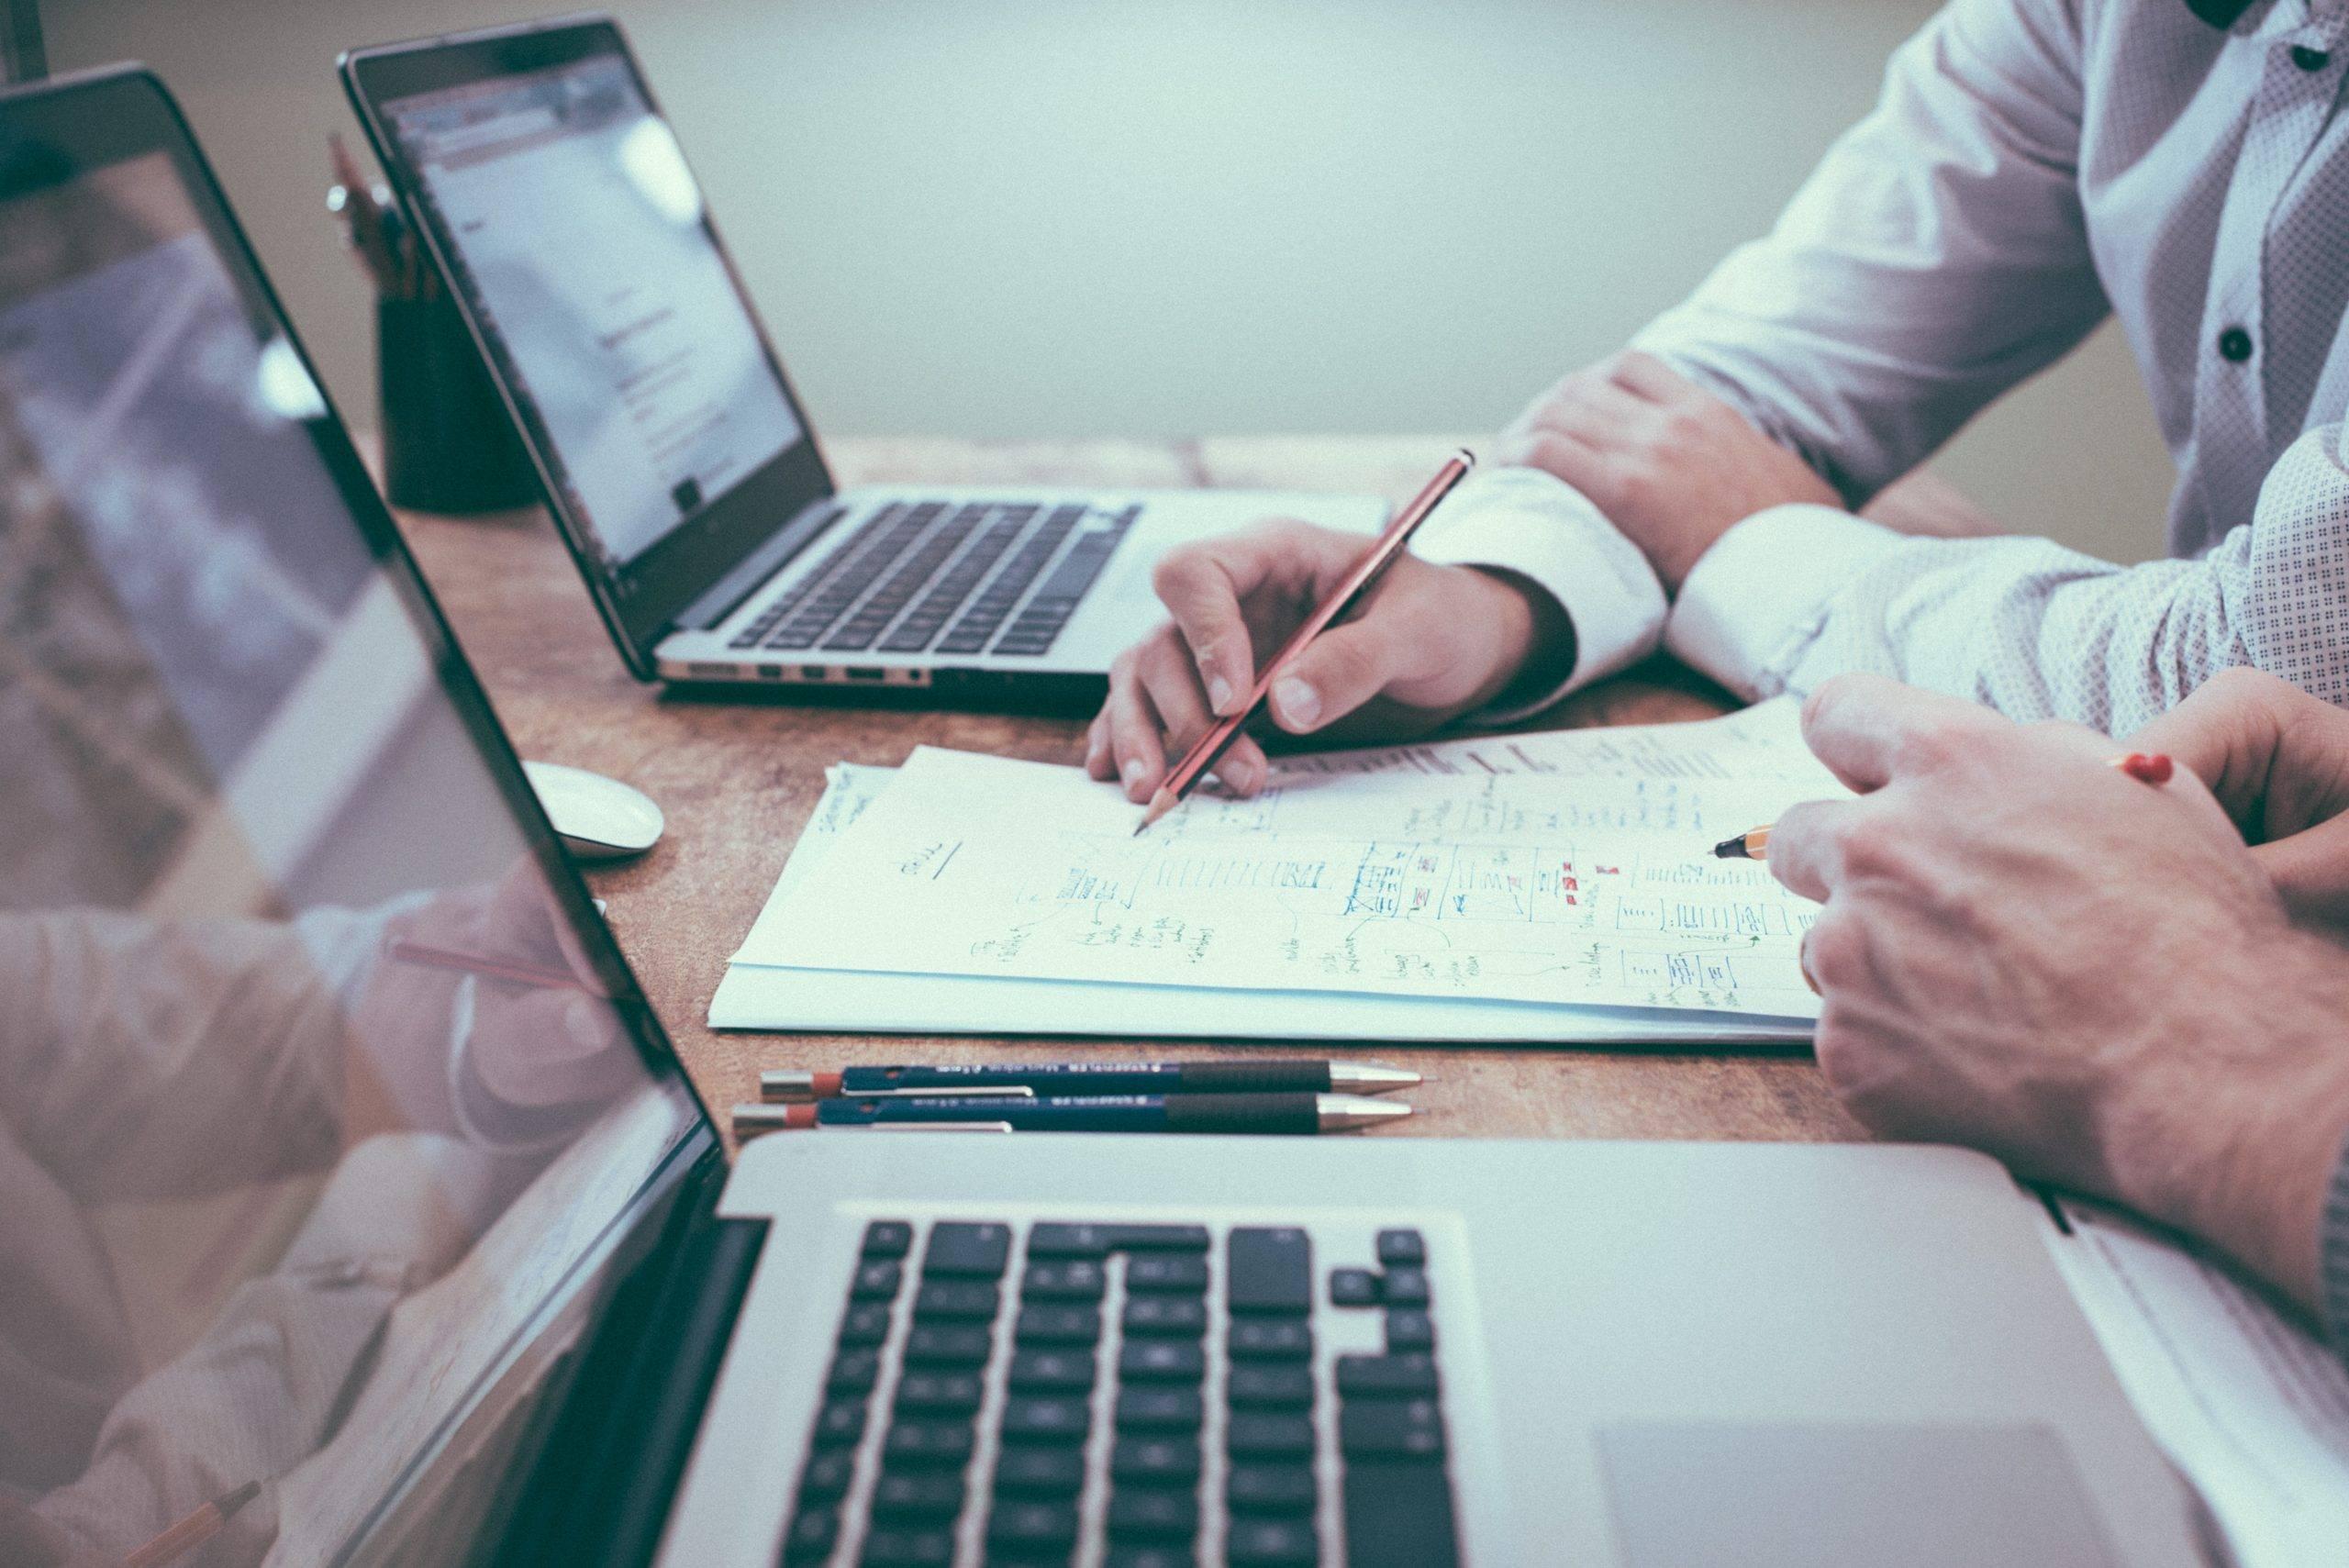 DÉVELOPPEMENT DE BUSINESS - Audit stratégique d'entreprise WWFE